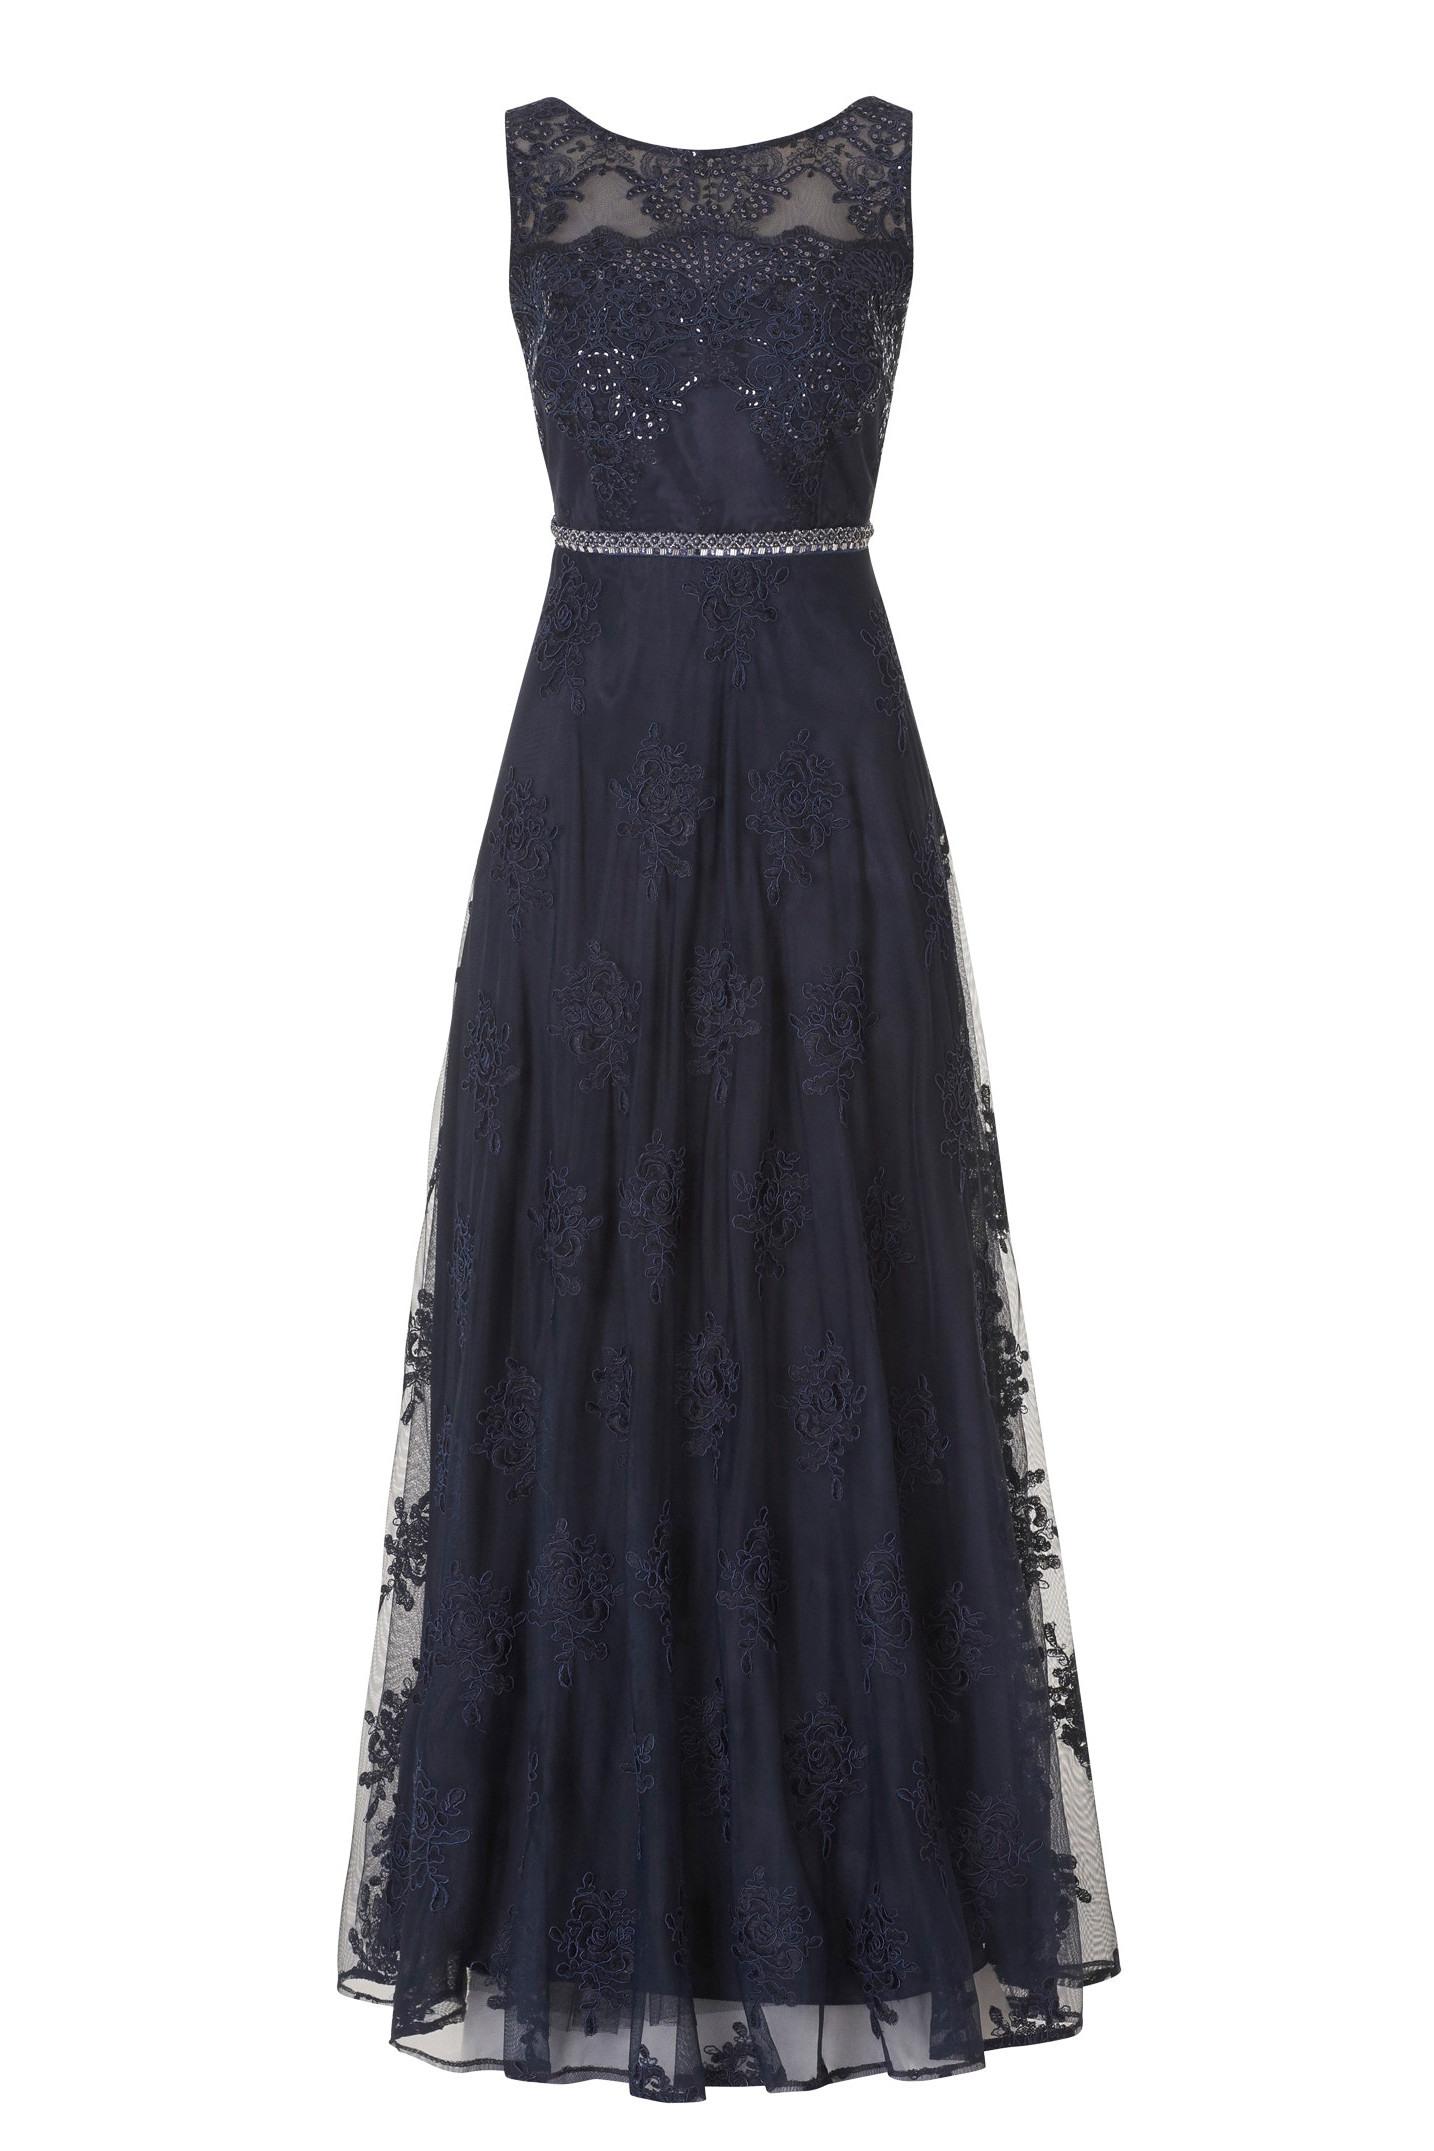 Abend Top Abendkleid Mit Spitze Design17 Wunderbar Abendkleid Mit Spitze Stylish